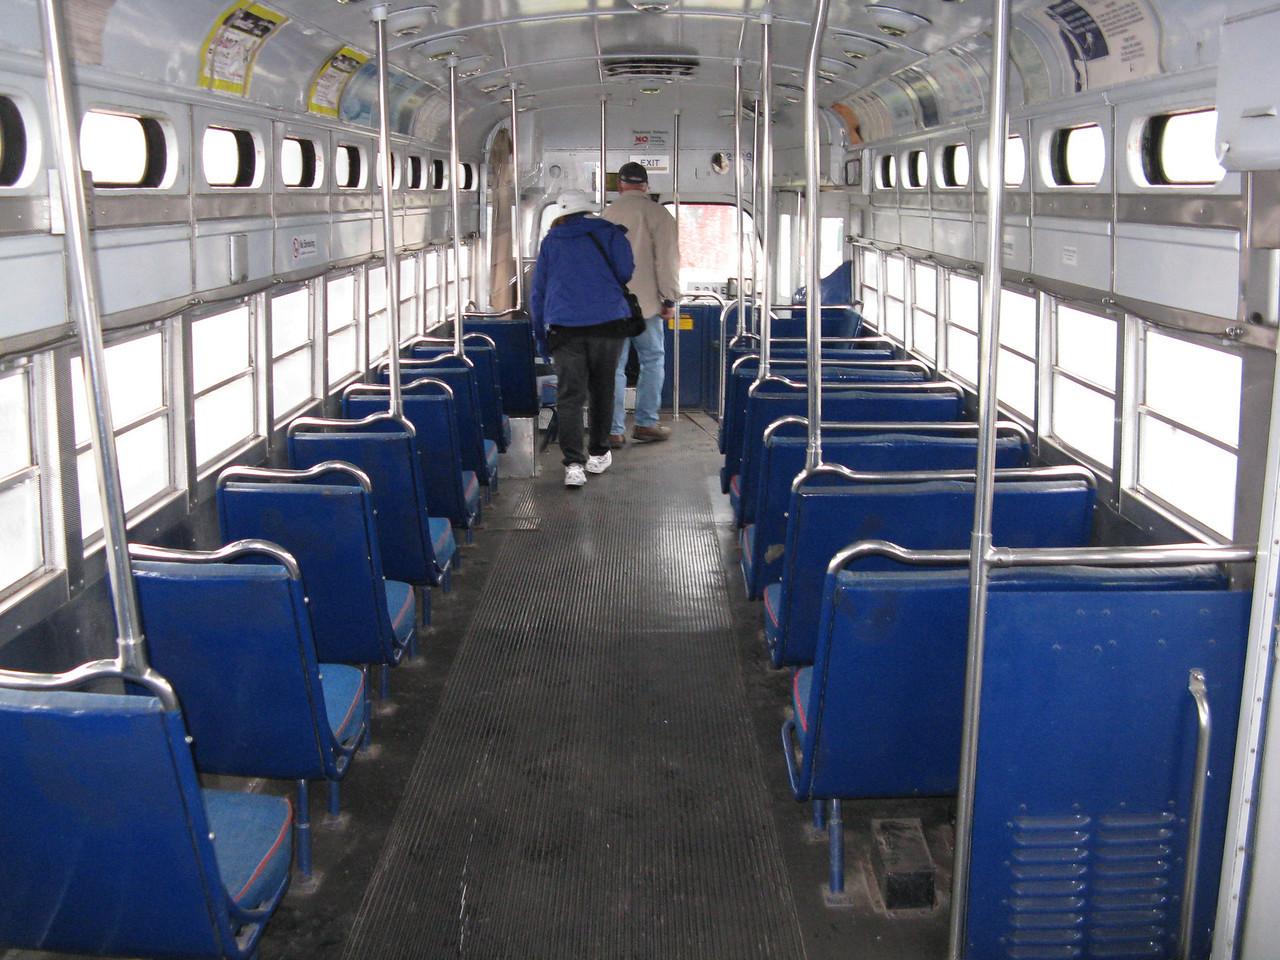 12-05-07 Trolley 016